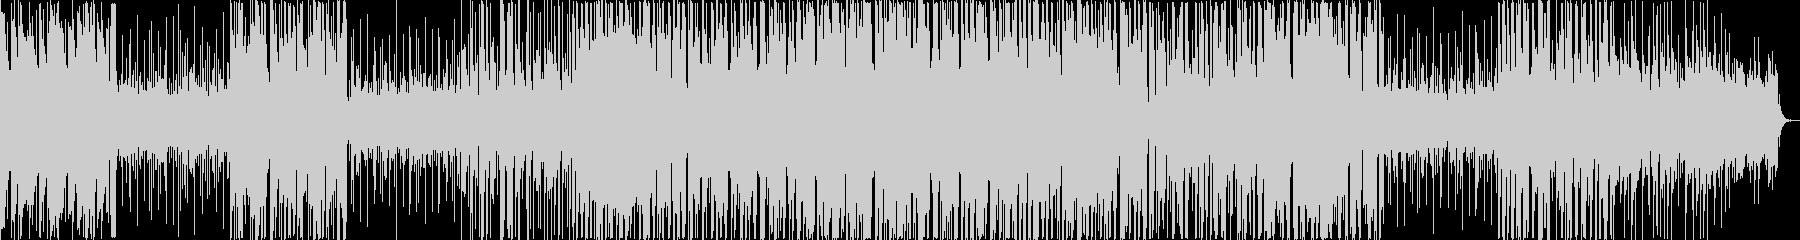 シリアスな雰囲気がサスペンスに合うの未再生の波形